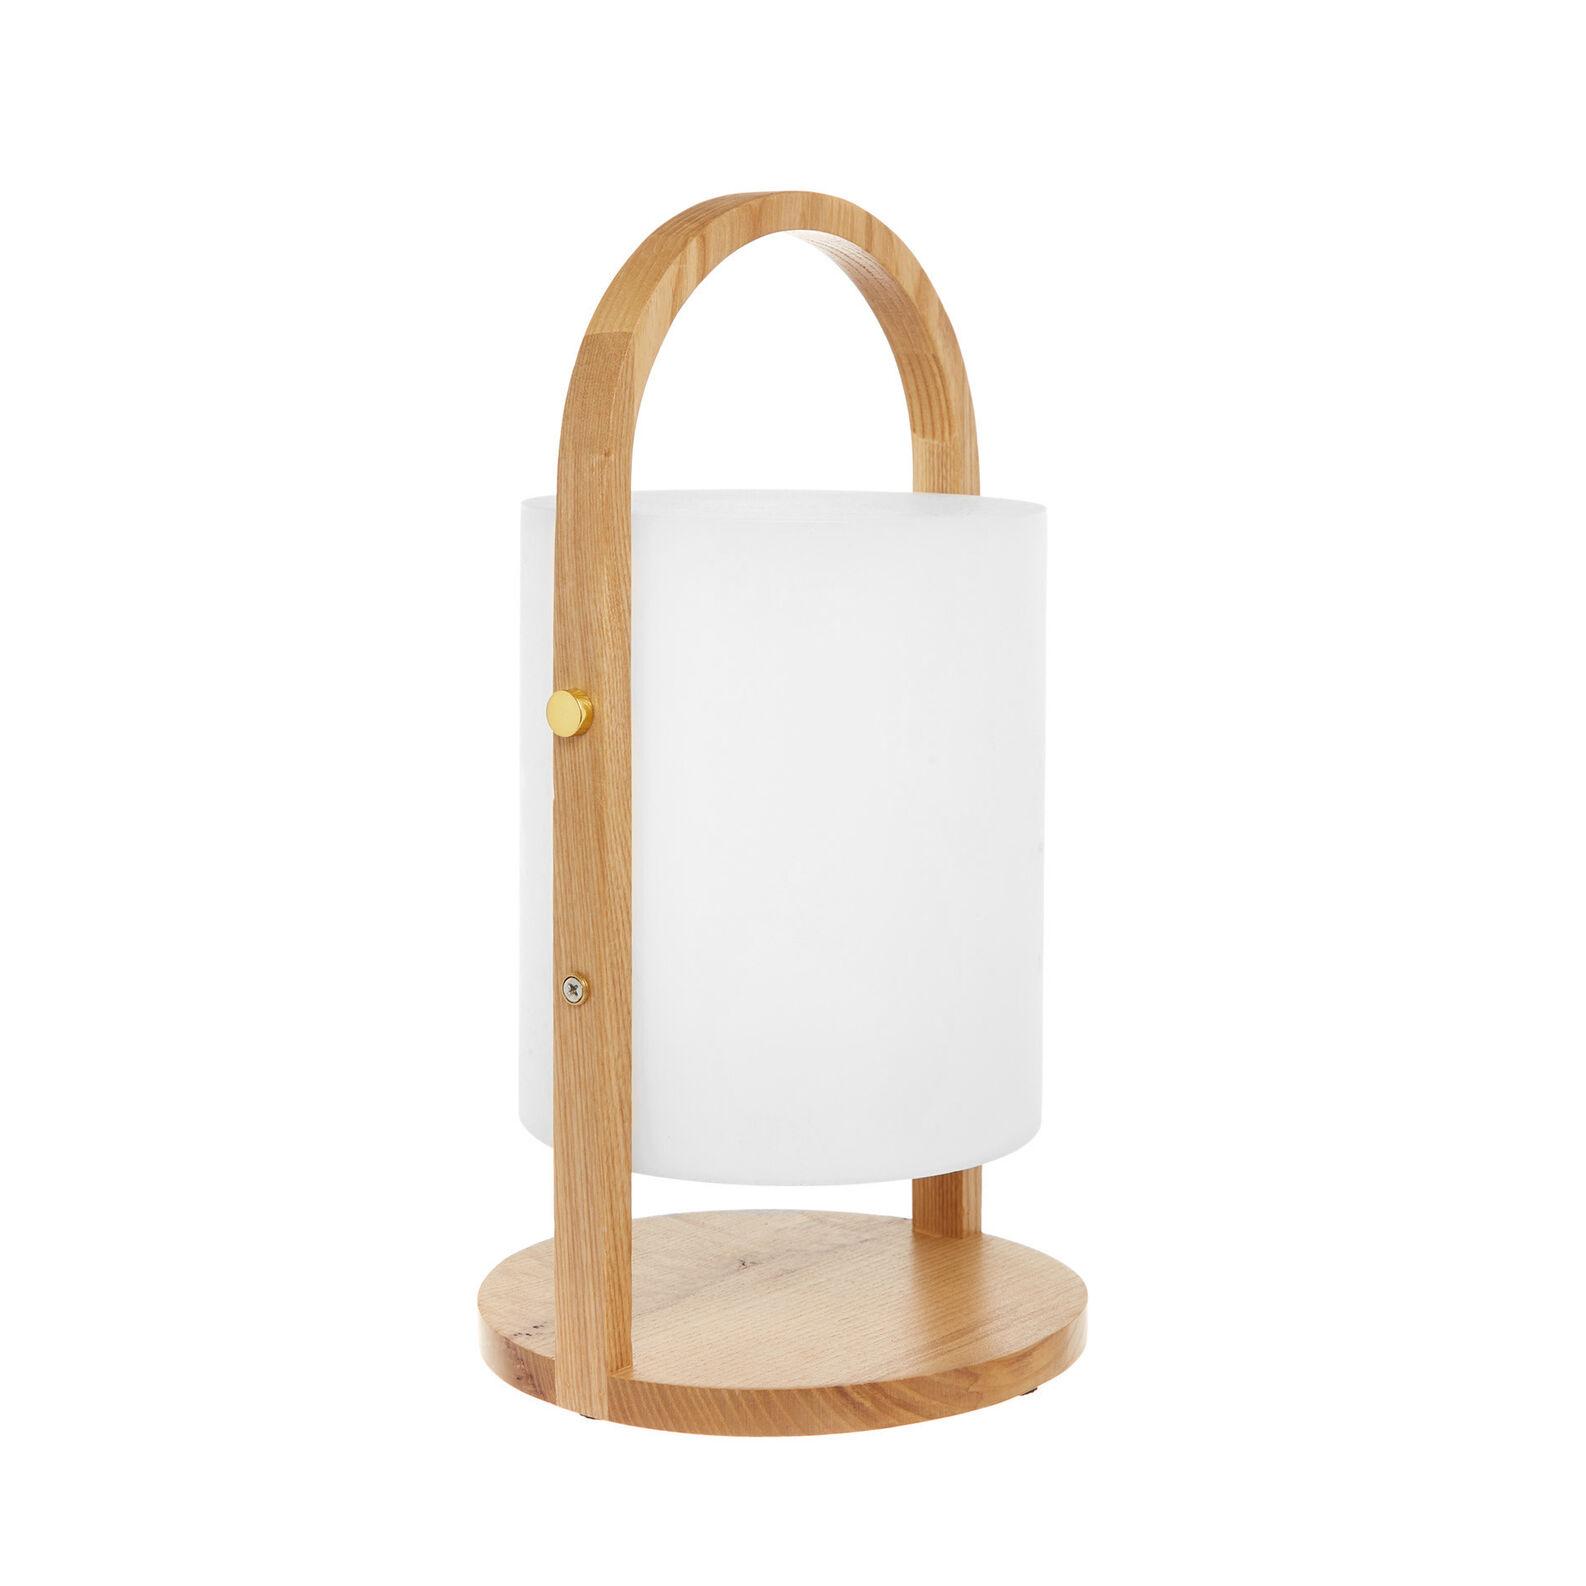 Woody Play speaker lamp